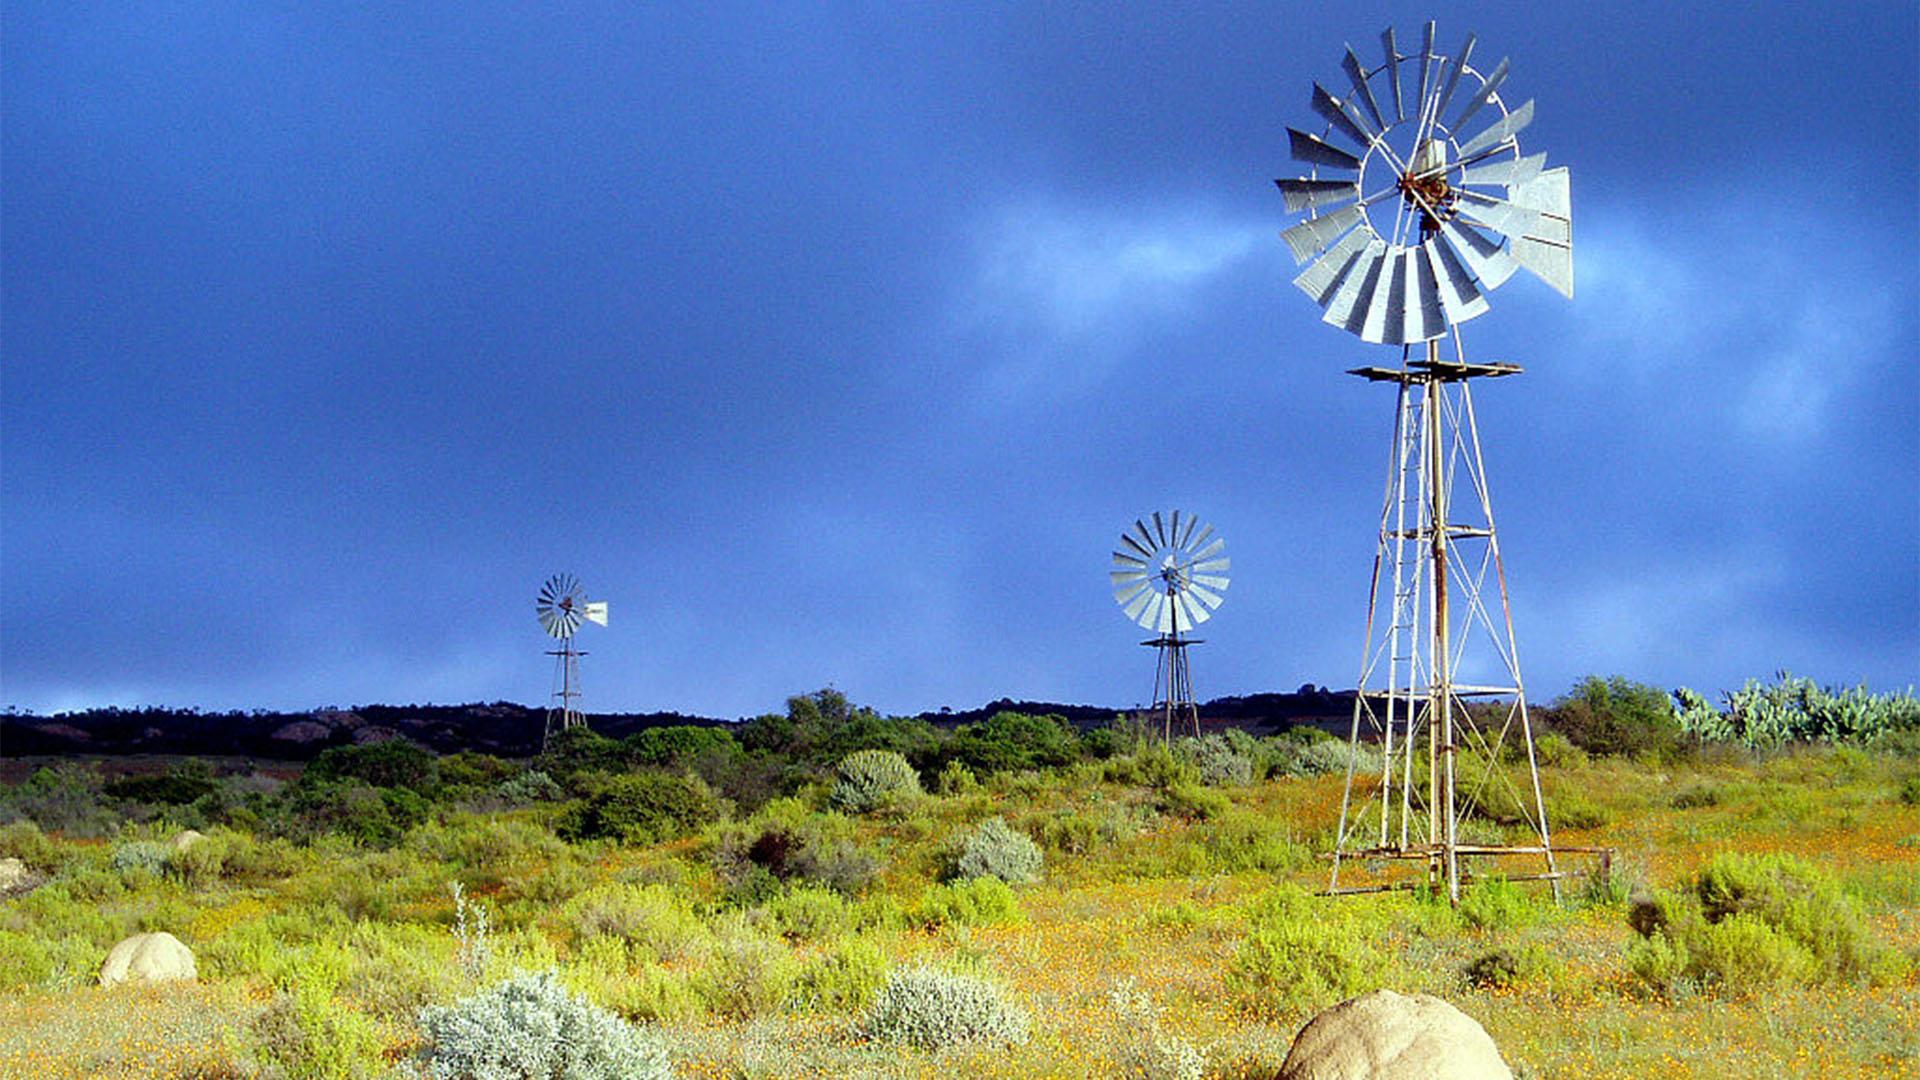 Das Chicago – die legendären Windräder der Aermotor Windmill Company Chicago auf Fuerteventura.